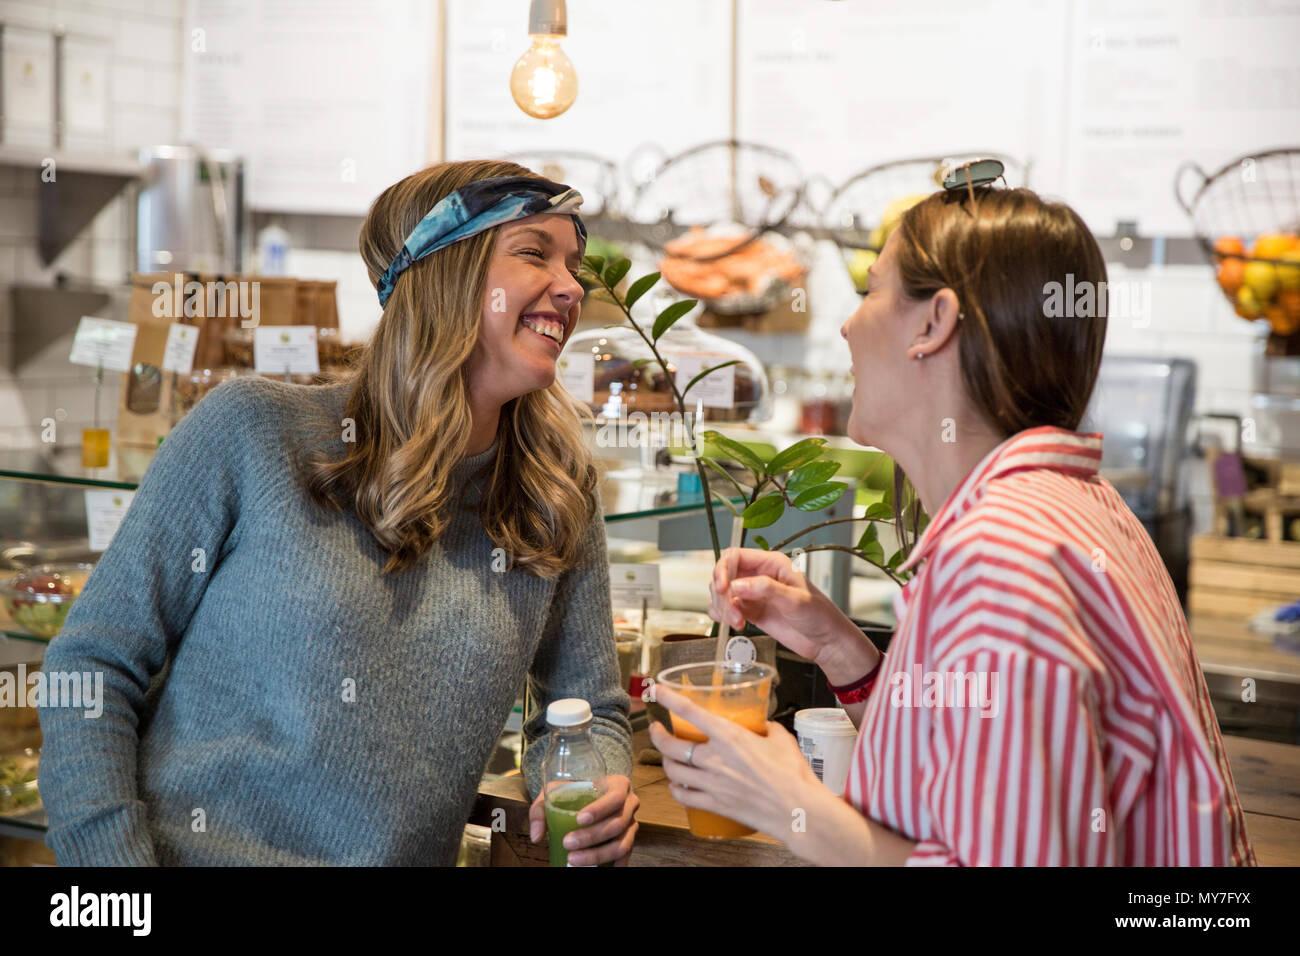 Deux jeunes amies rient ensemble dans cafe Banque D'Images